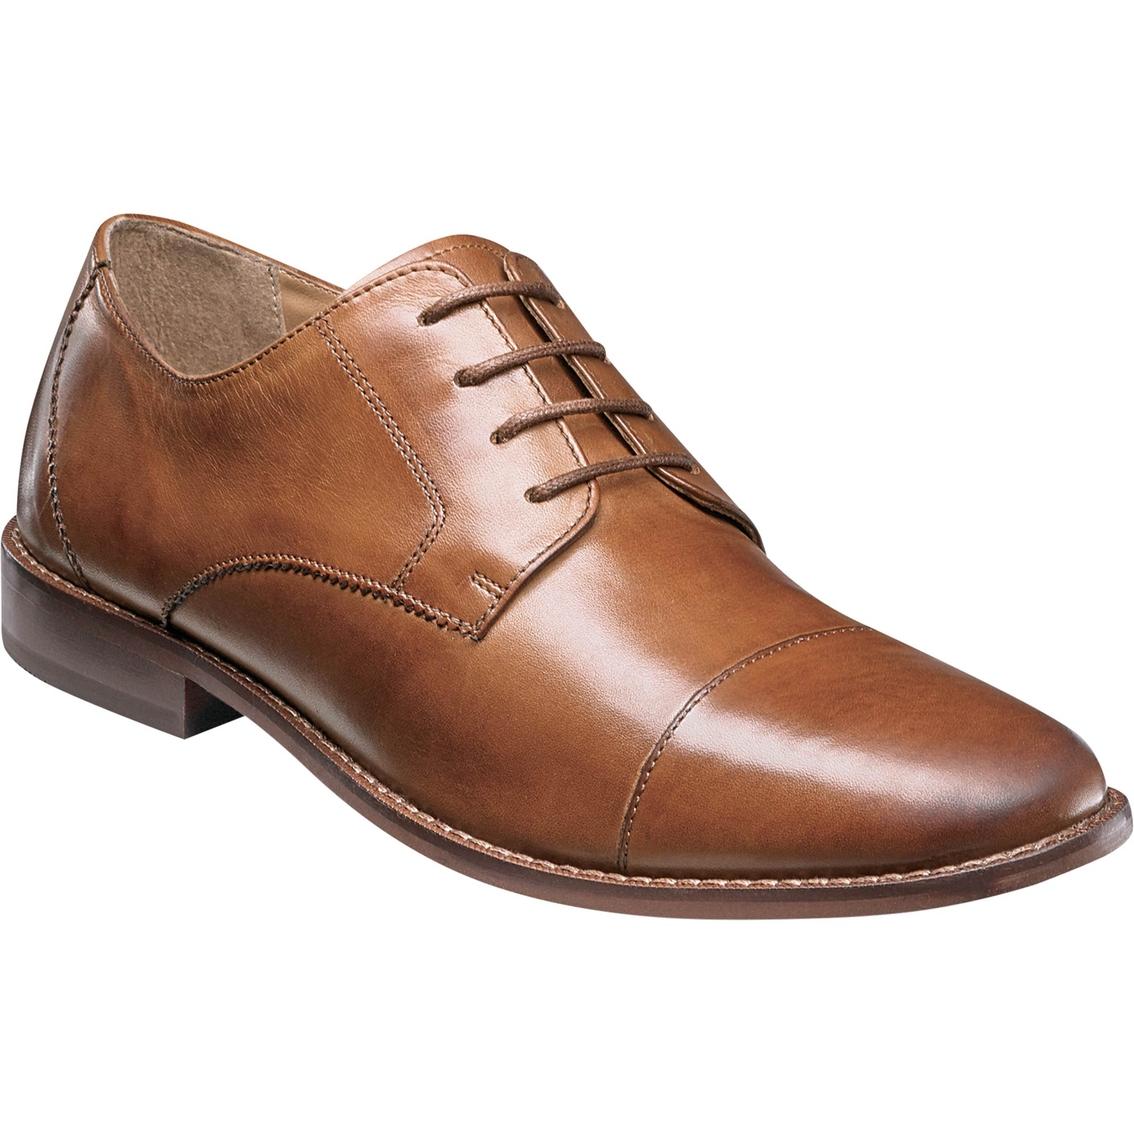 Men's Florsheim Montinaro Cap Toe Dress Shoes reliable for sale clearance online ebay discount authentic online sale prices eWopFi2wI